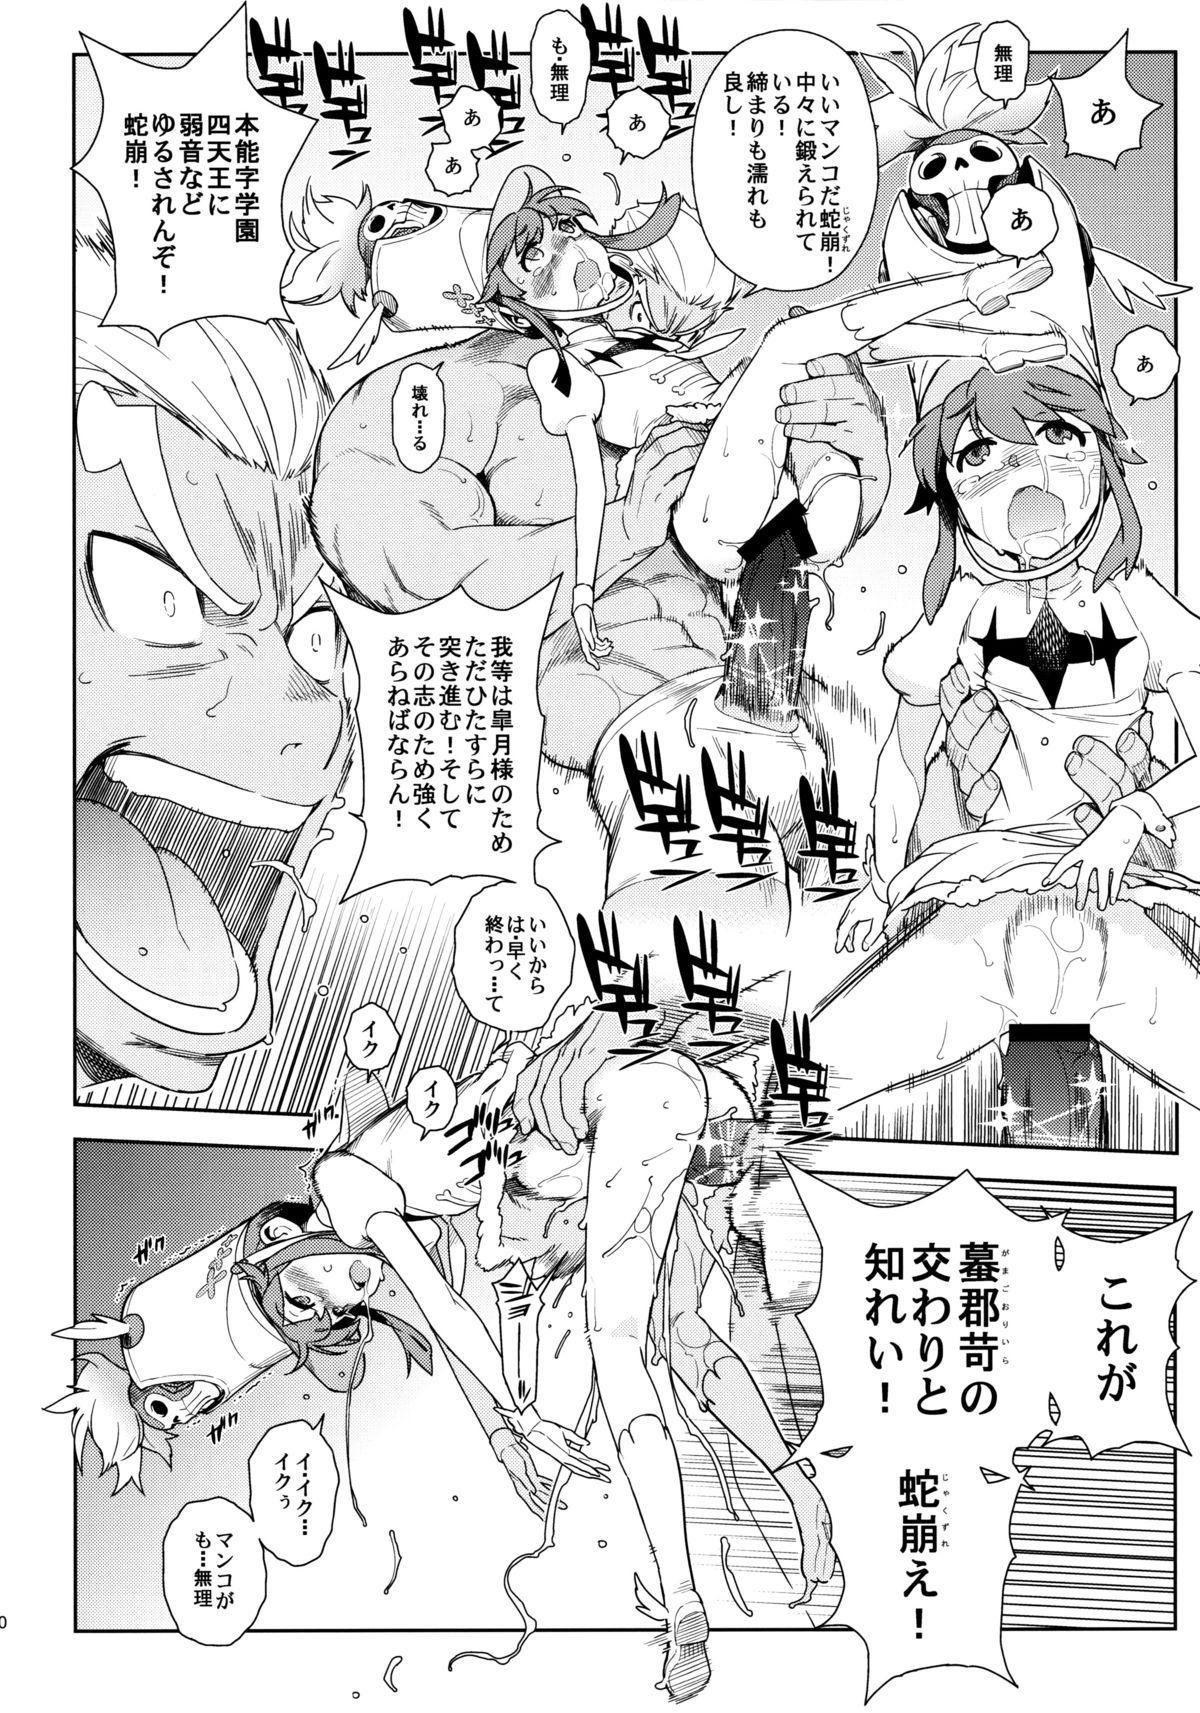 Seiten Hakujitsu 28